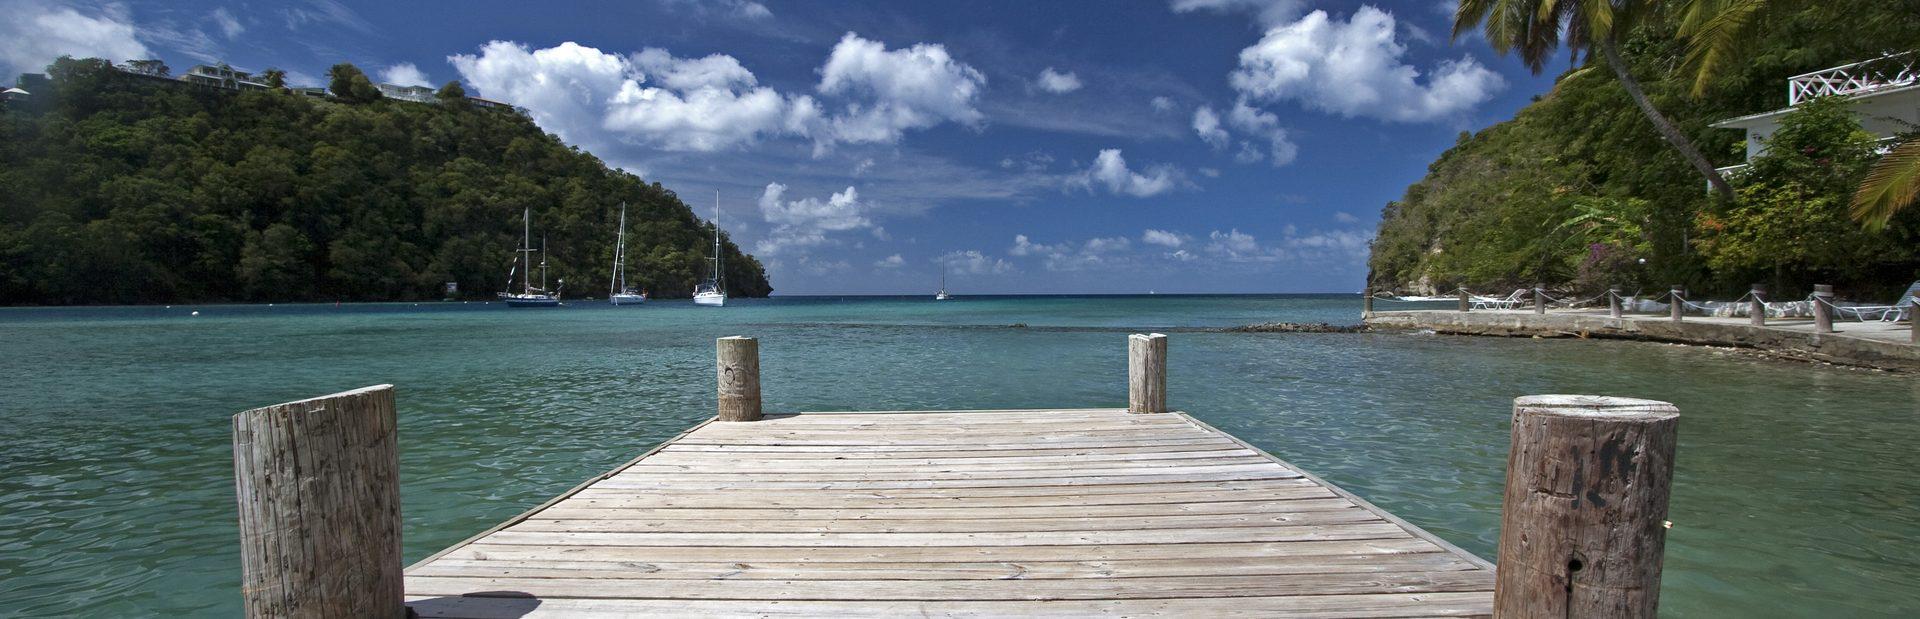 St Lucia photo tour